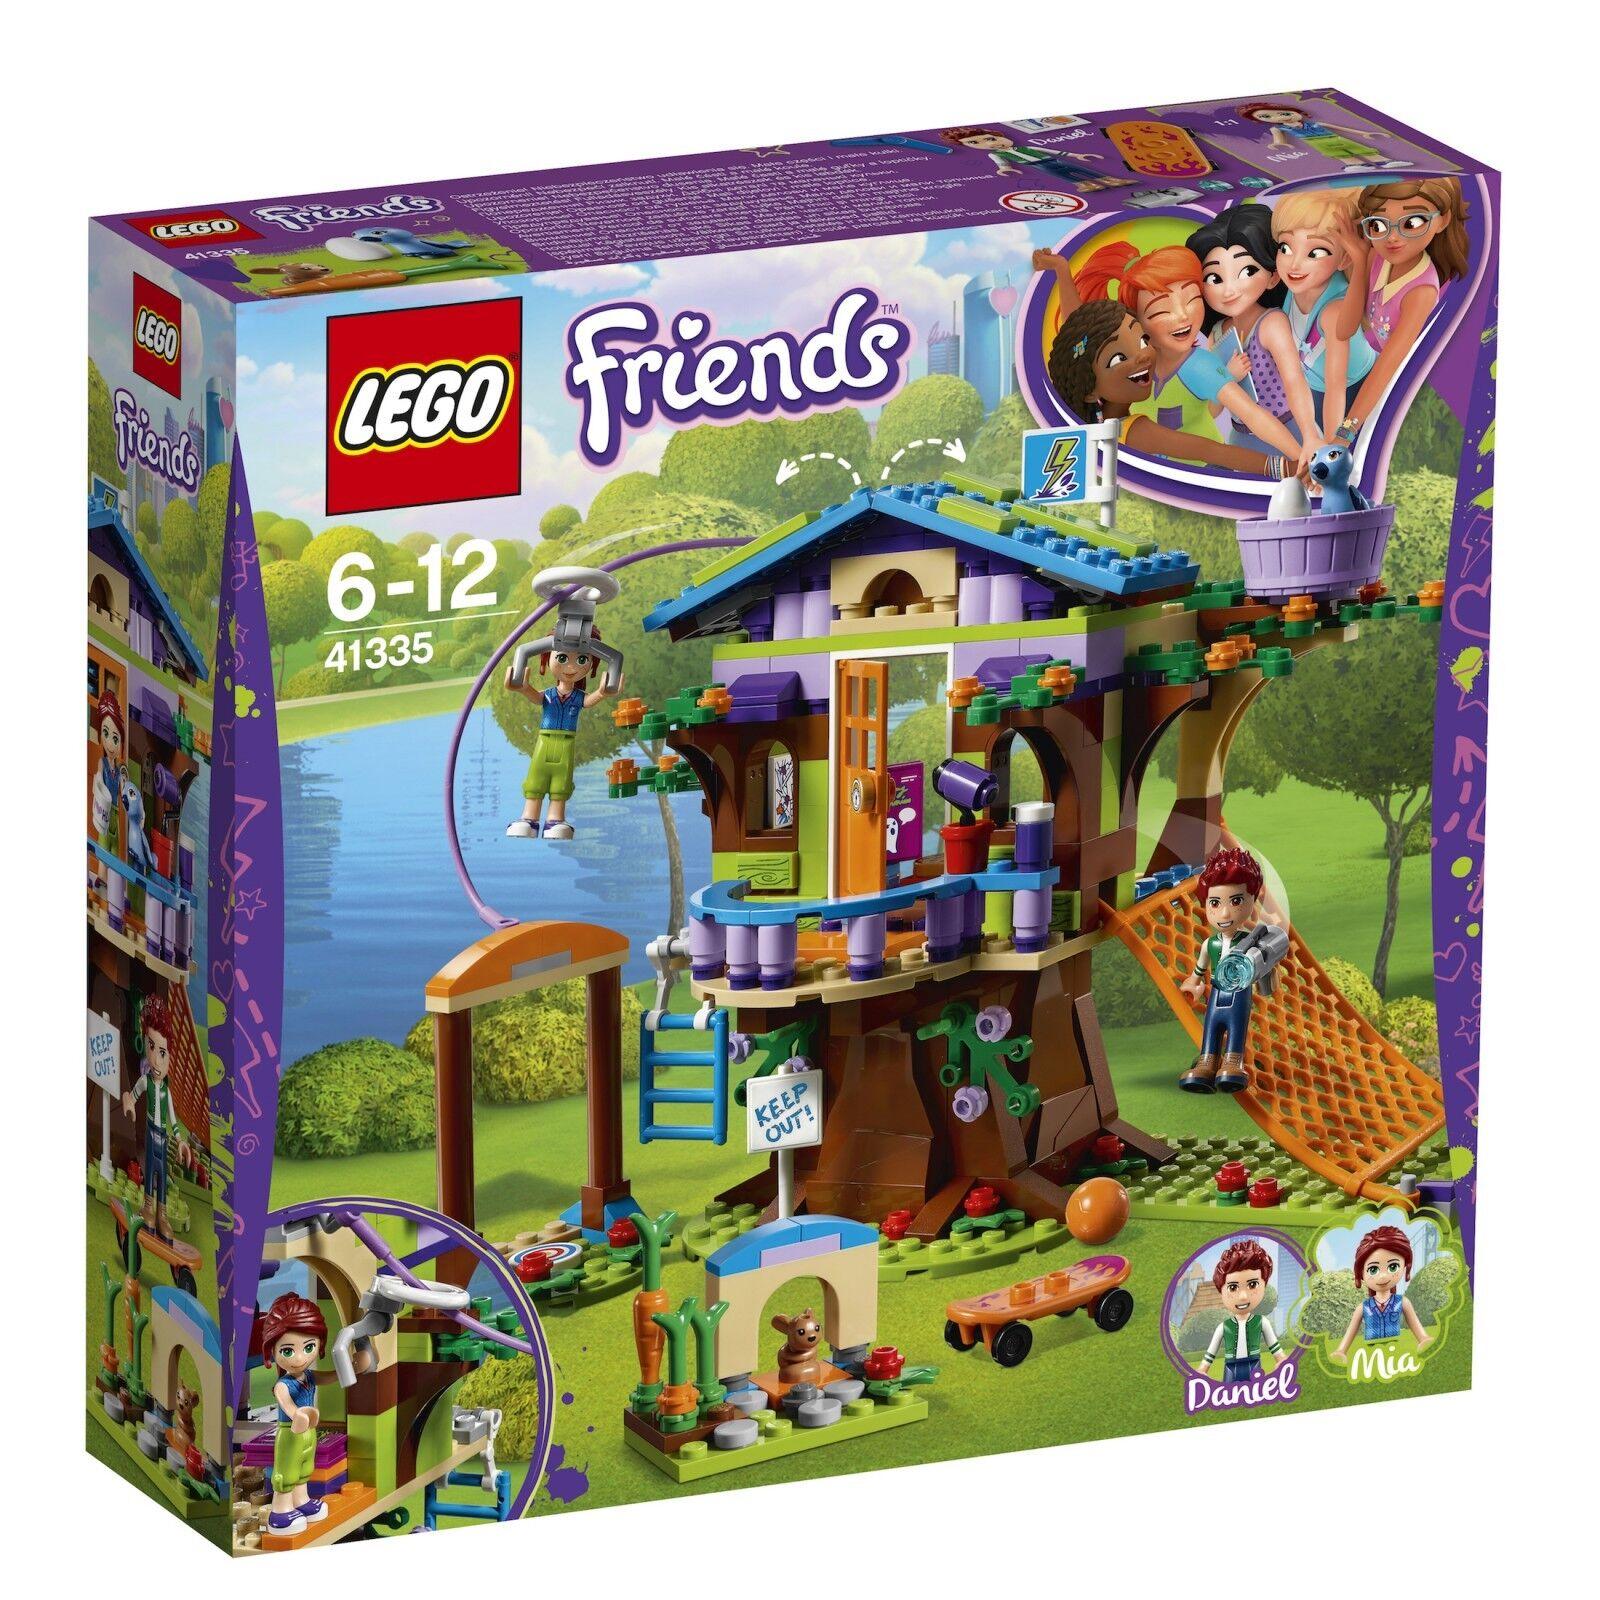 Lego 30285 Creator tigre en el bolsa nuevo embalaje original